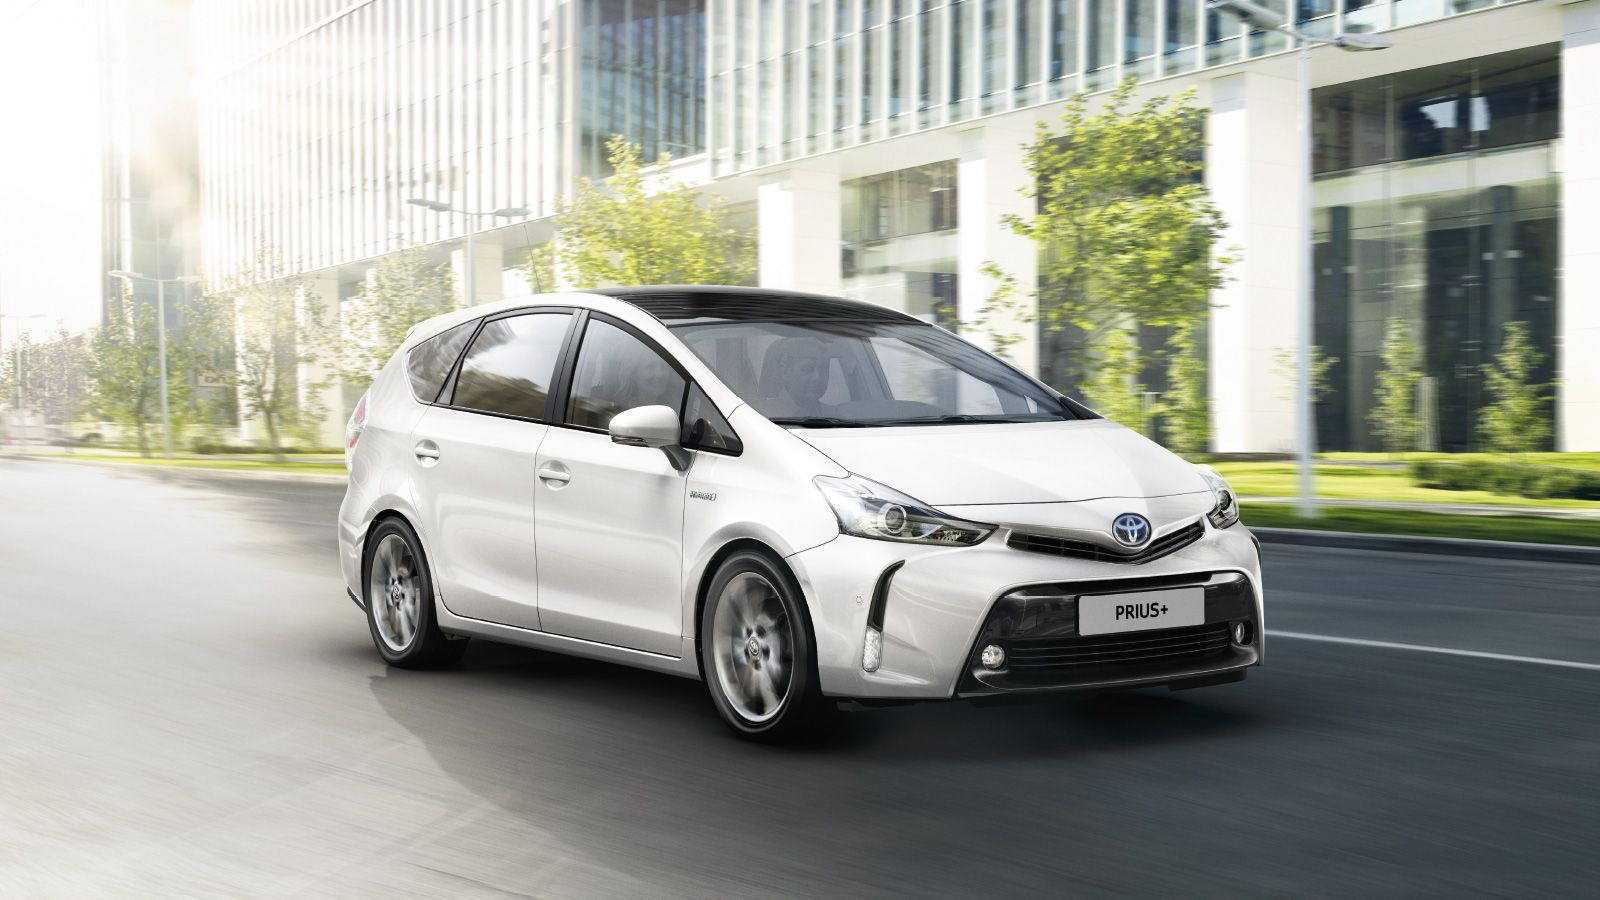 Toyota Prius Ein Aussergewohnliches Fahrzeug Toyota Prius Toyota Prius